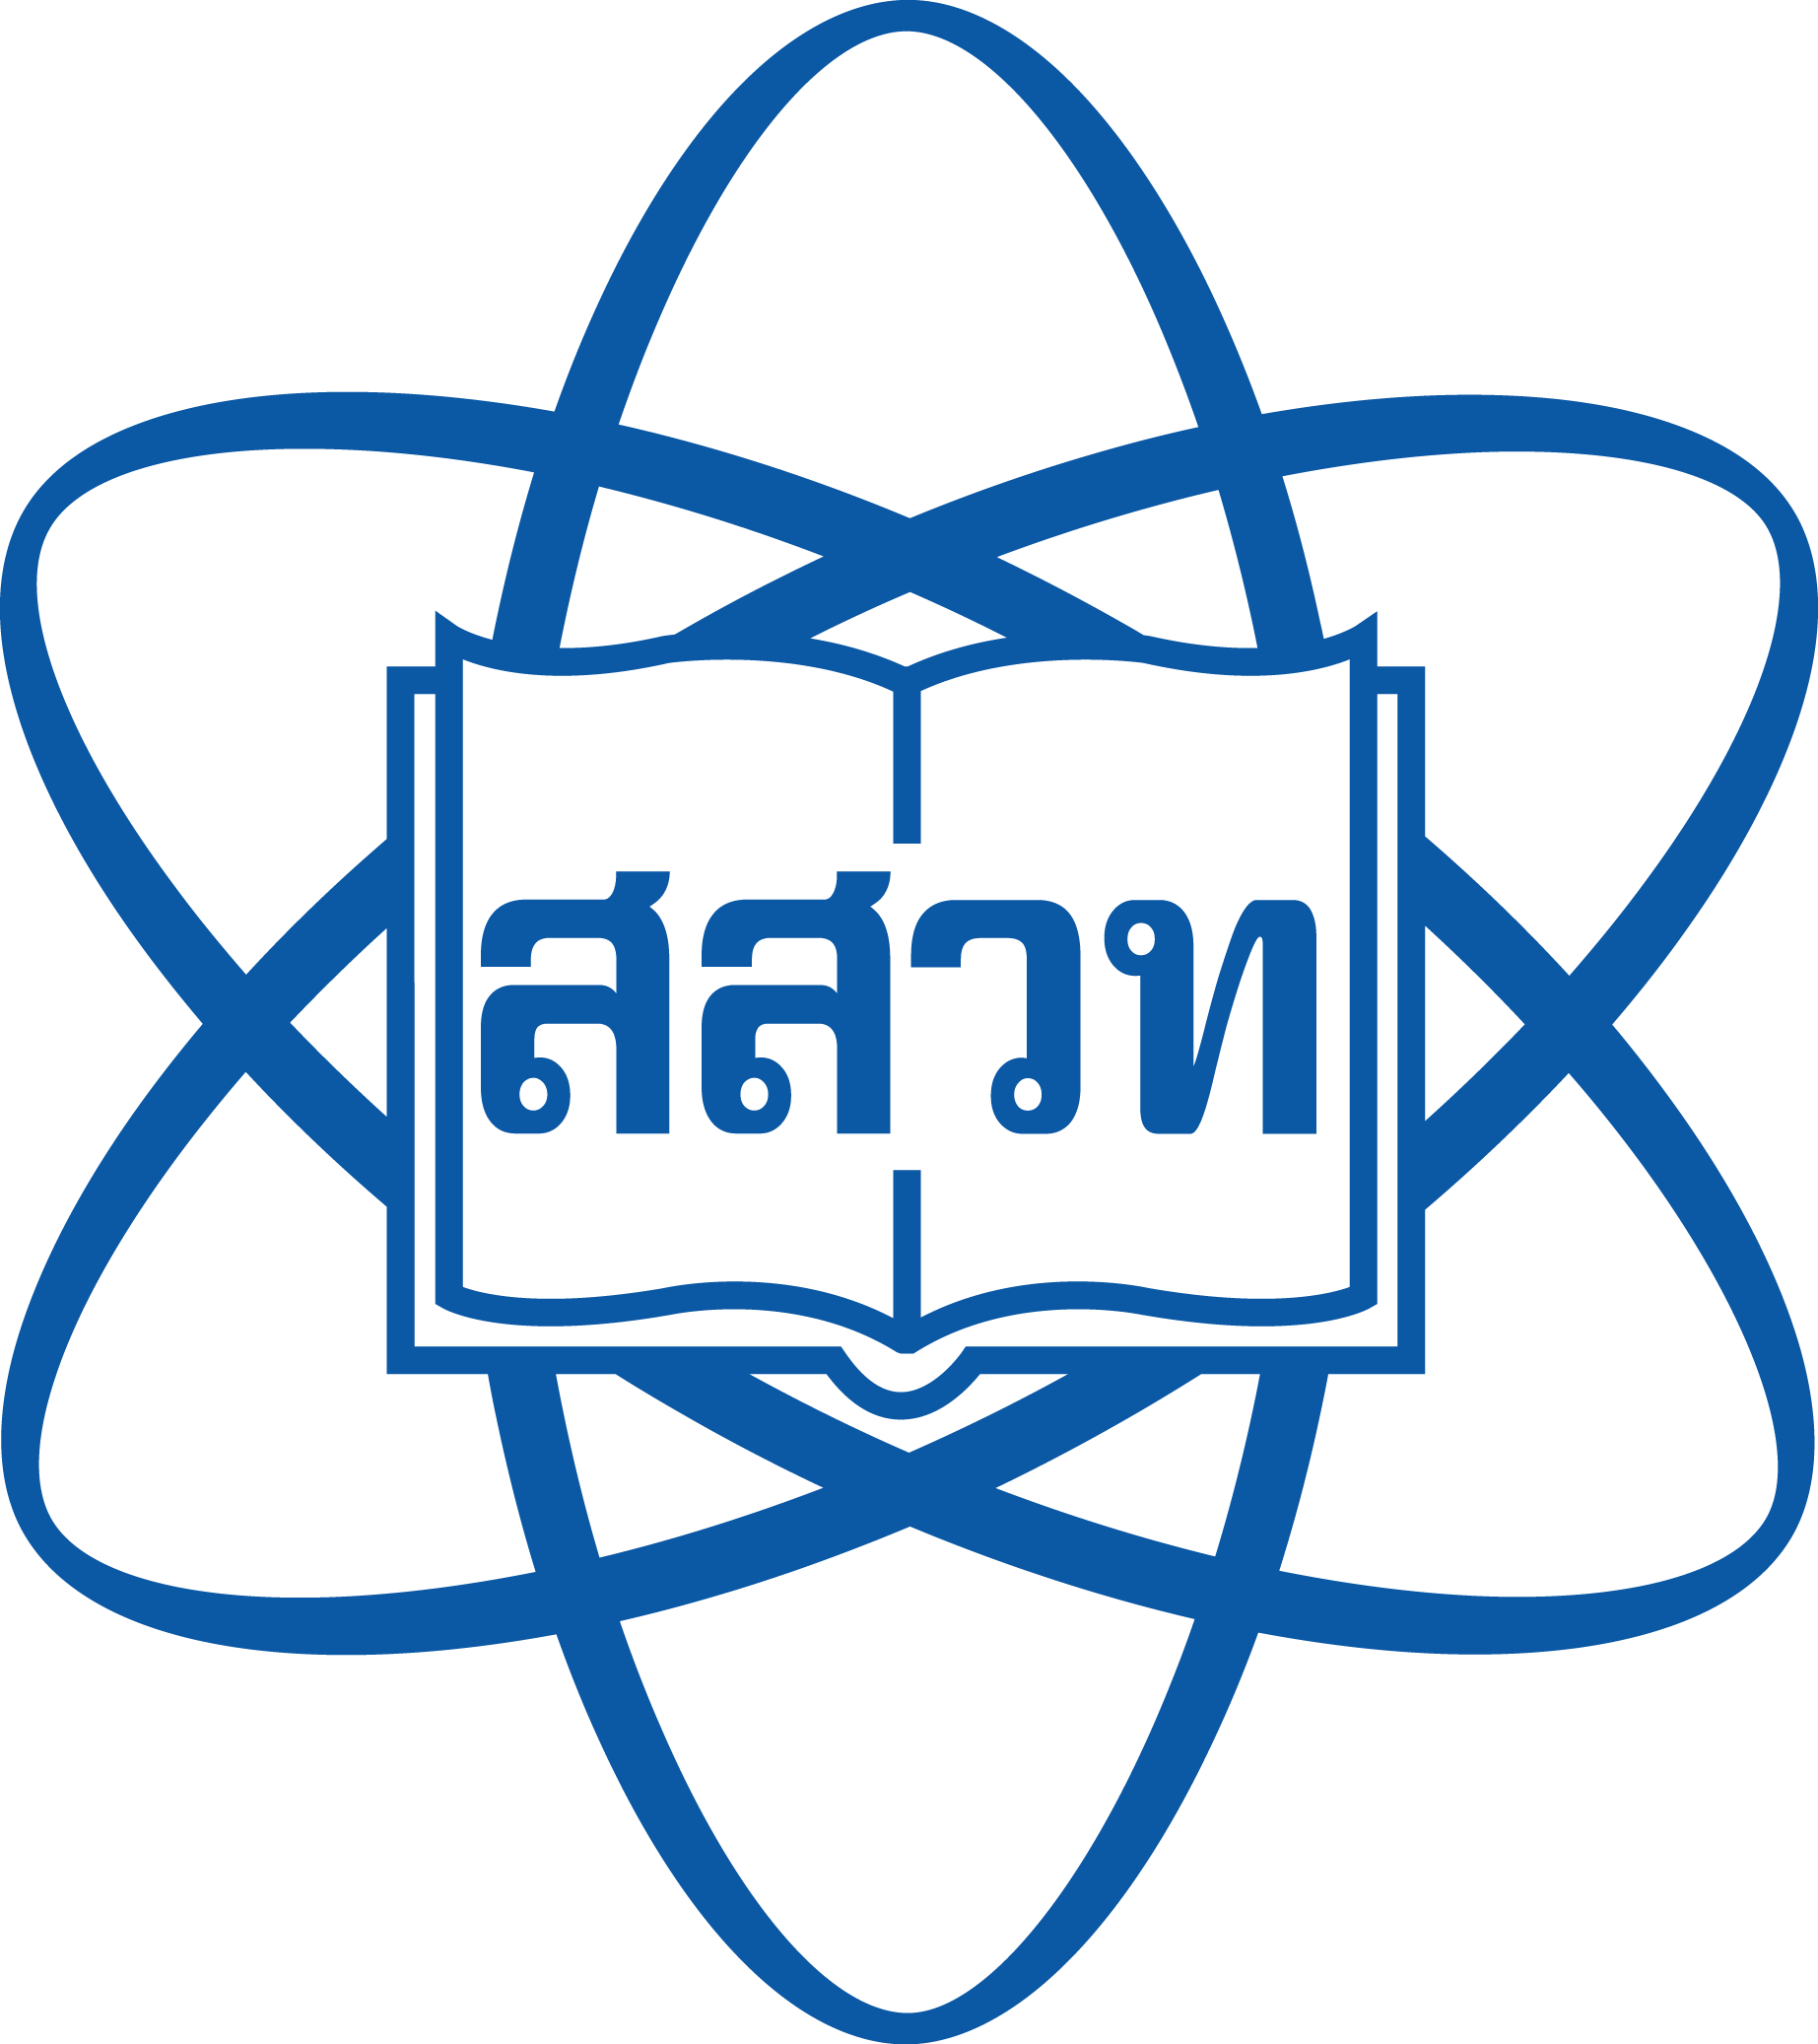 สถาบันส่งเสริมการสอนวิทยาศาสตร์และเทคโนโลยี